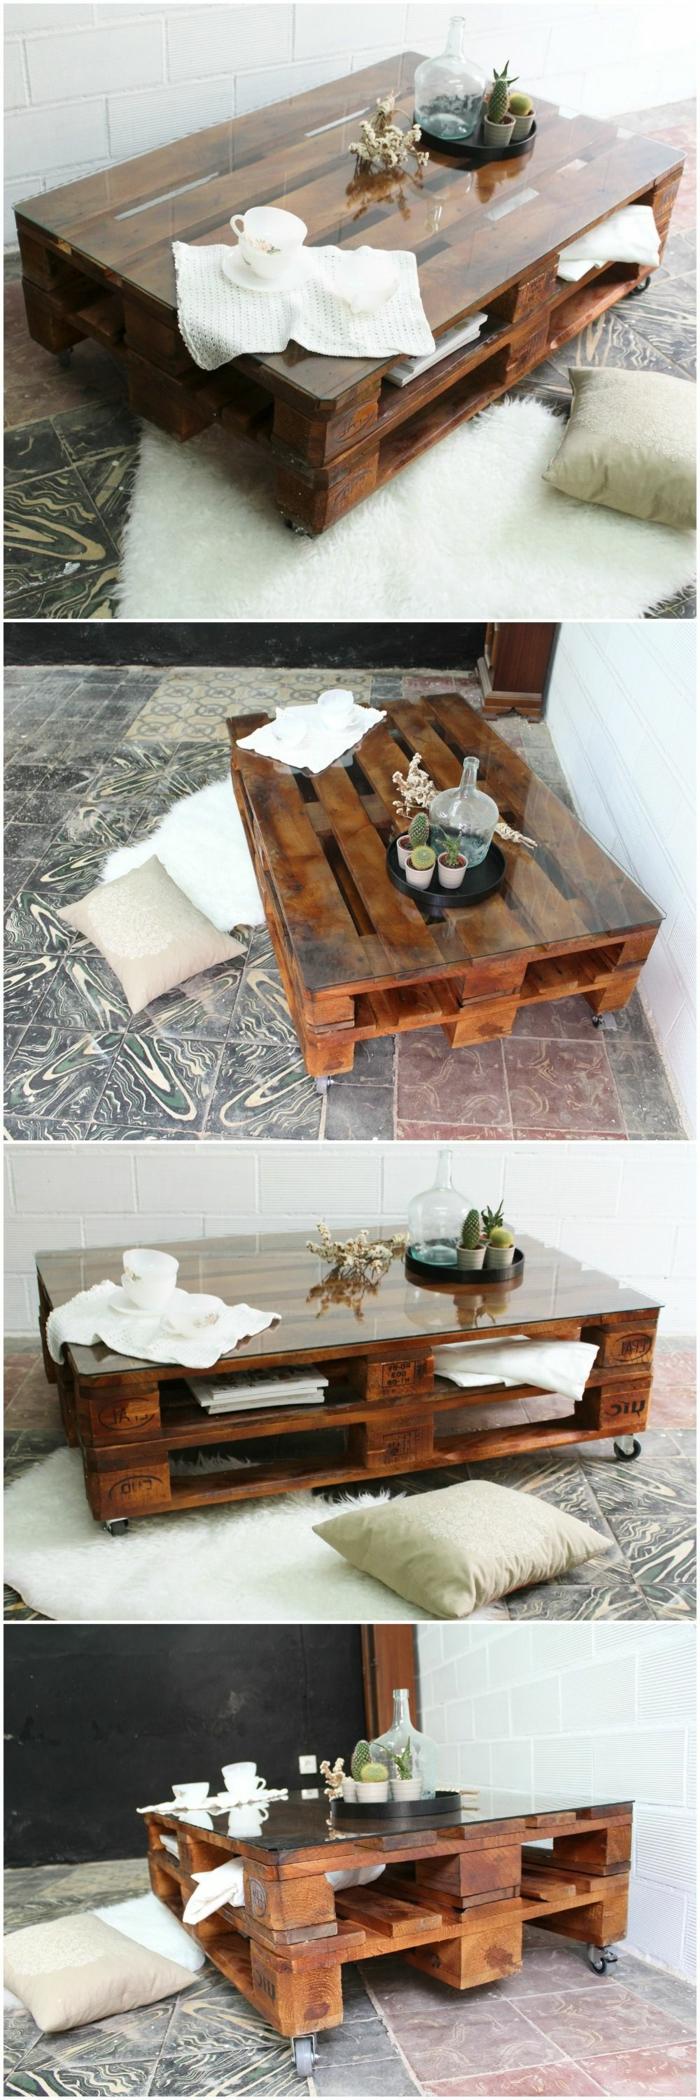 cuatro fotos de la misma mesa vista de diferentes sitios, pintada en marrón, mesas con palets